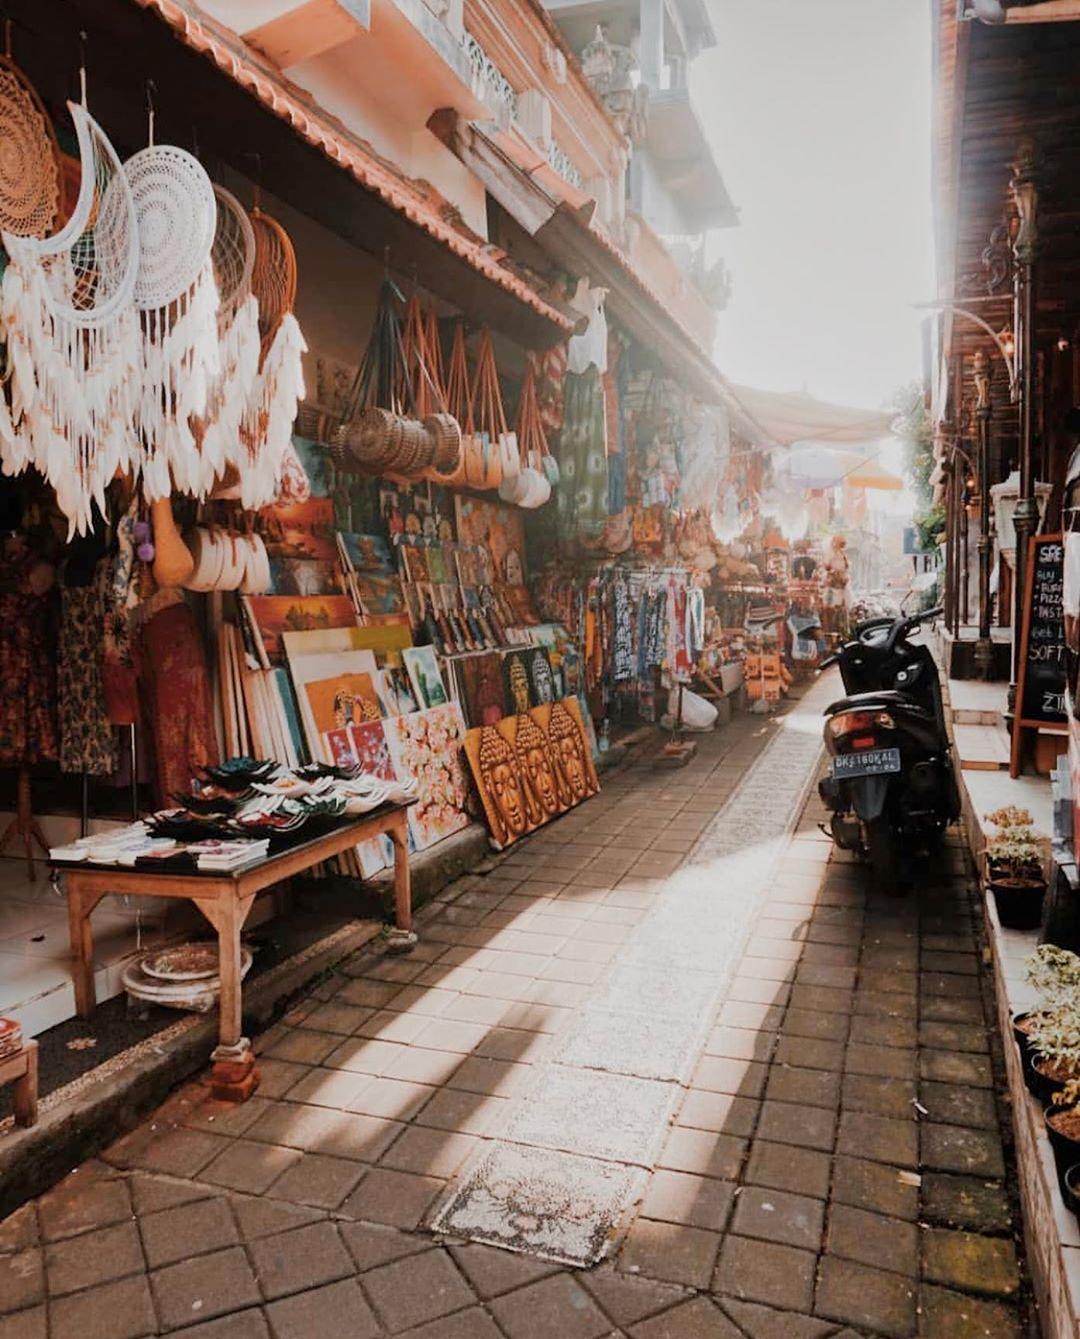 Kuta Art Market - IG @ats2087widnyani